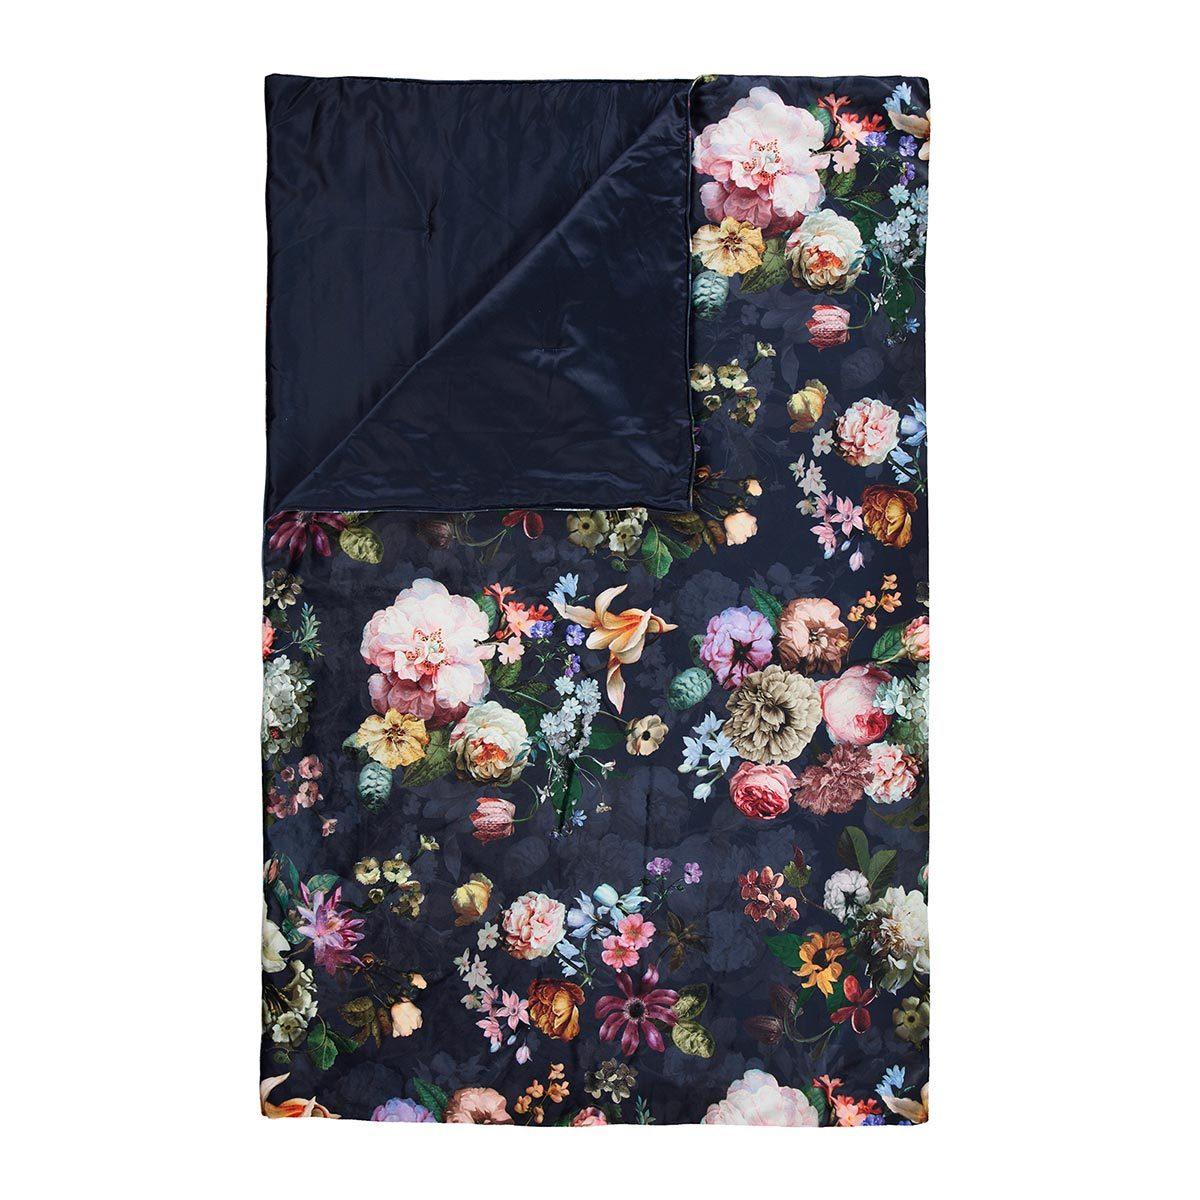 Essenza Tagesdecke Fleur nightblue